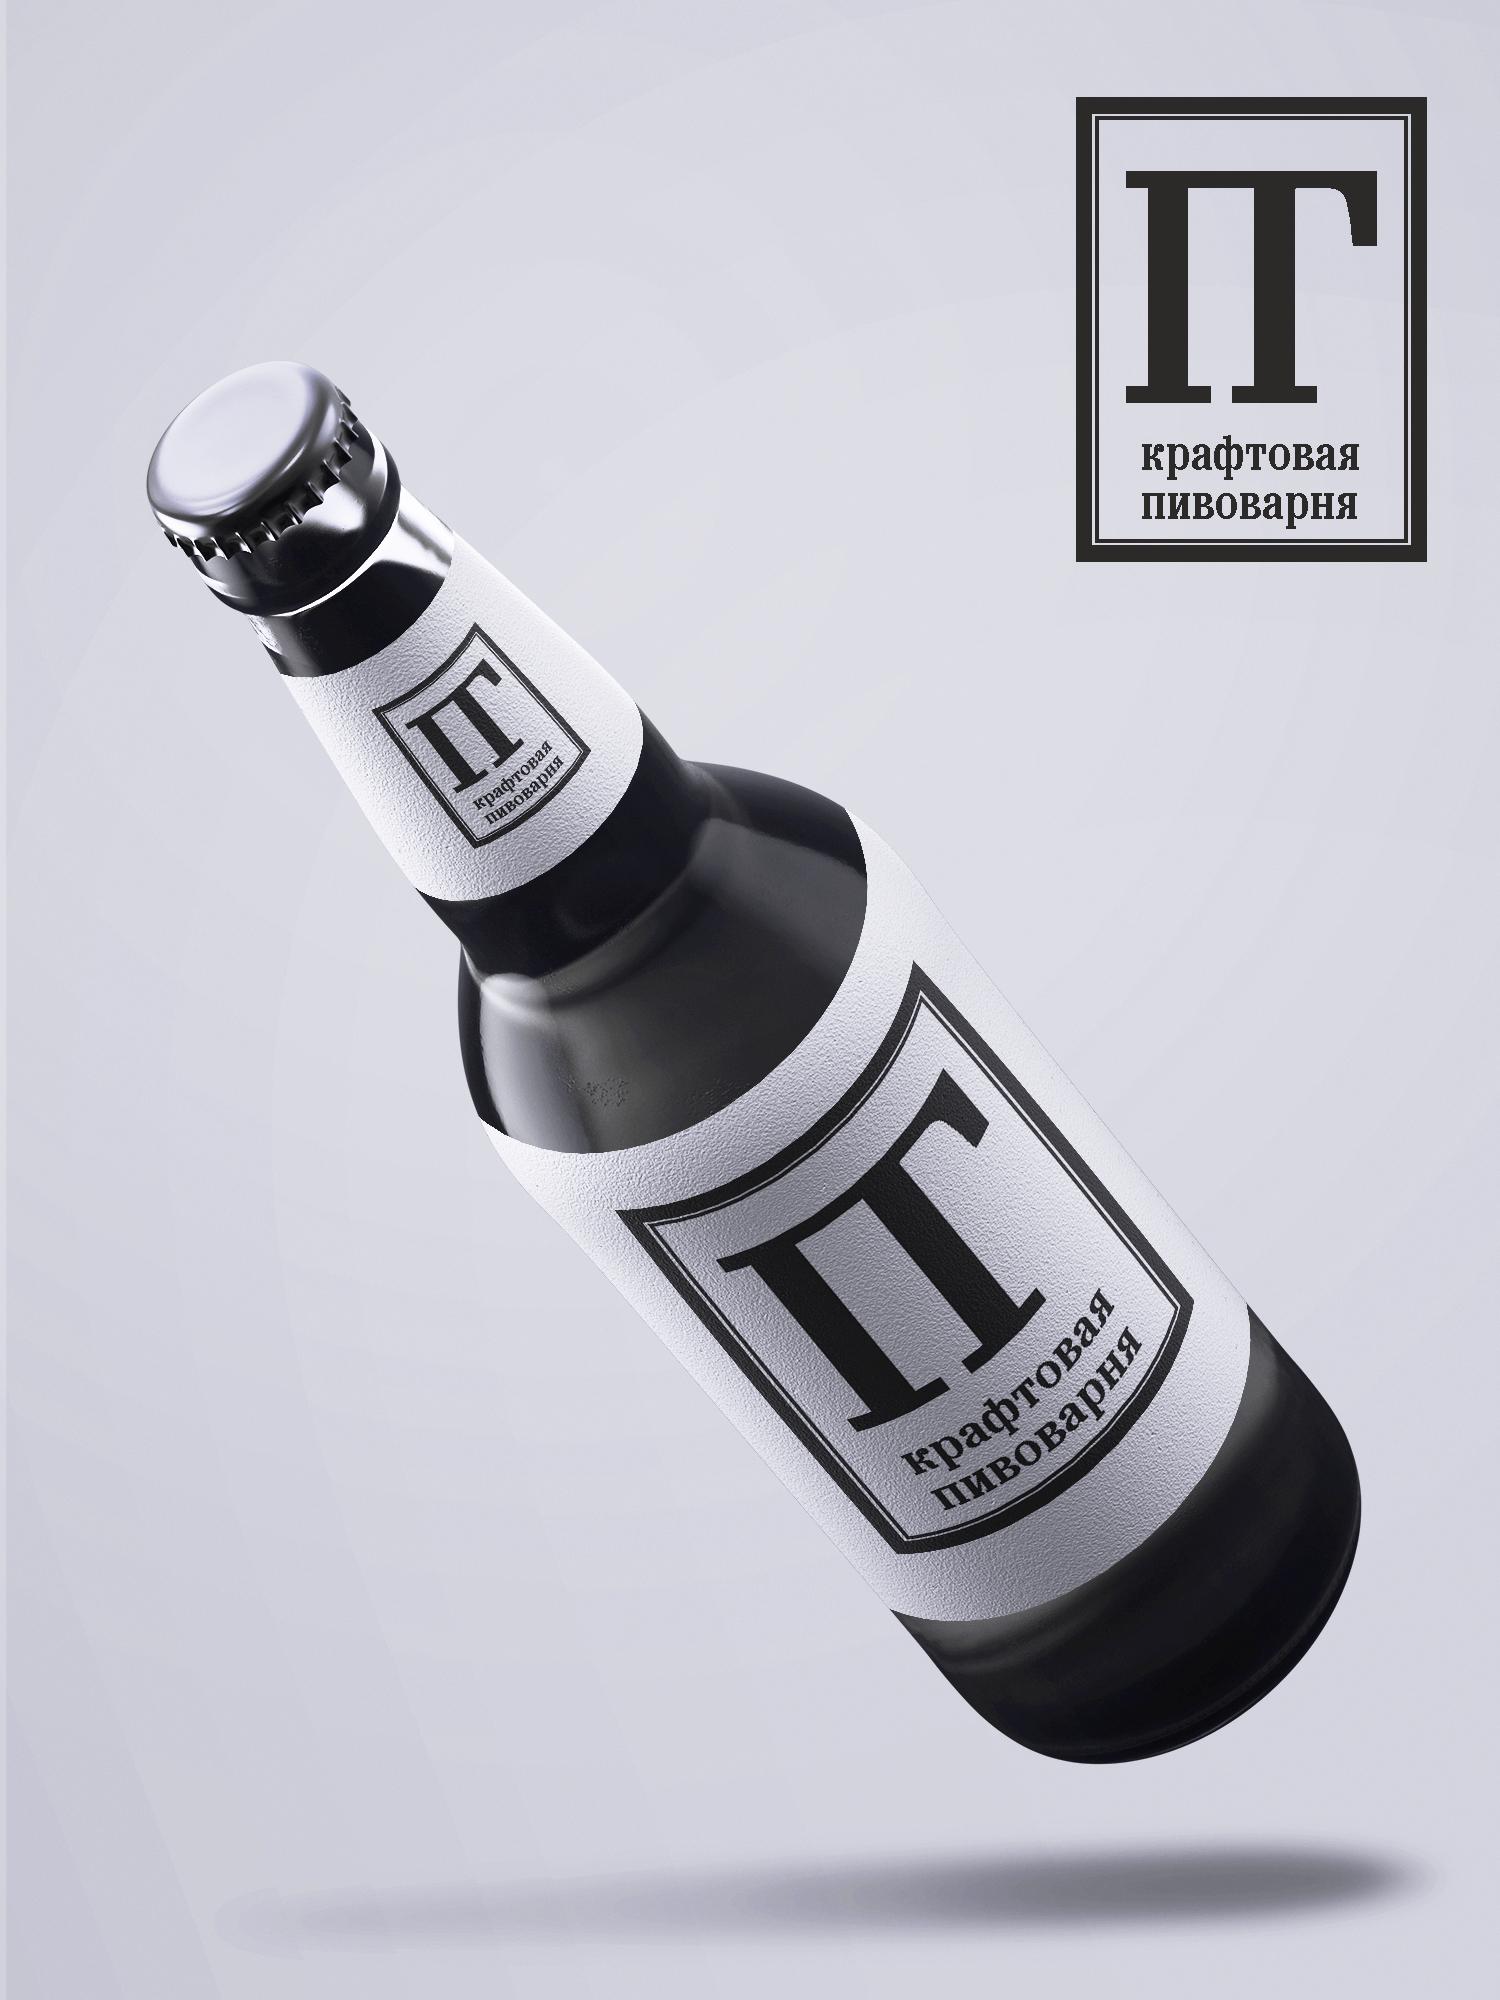 Логотип для Крафтовой Пивоварни фото f_0205cb35e72ca552.jpg